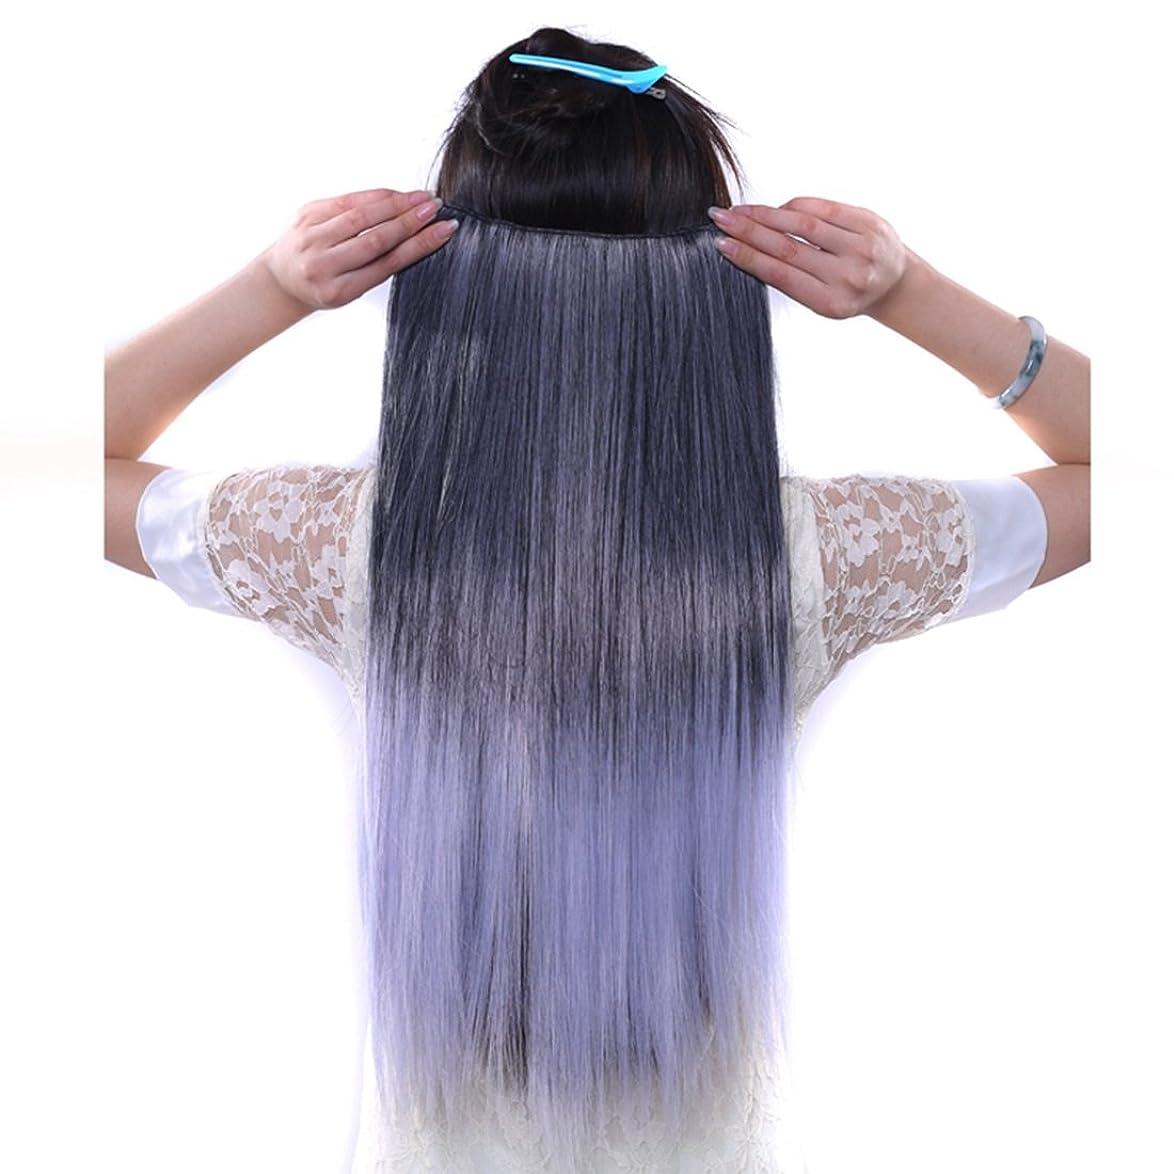 市の花発信要求Doyvanntgo 60cm合成毛エクステンションヘアカラーグラデーションウィッグピースのロングストレートヘアピース5クリップ (Color : Black gradient purple)